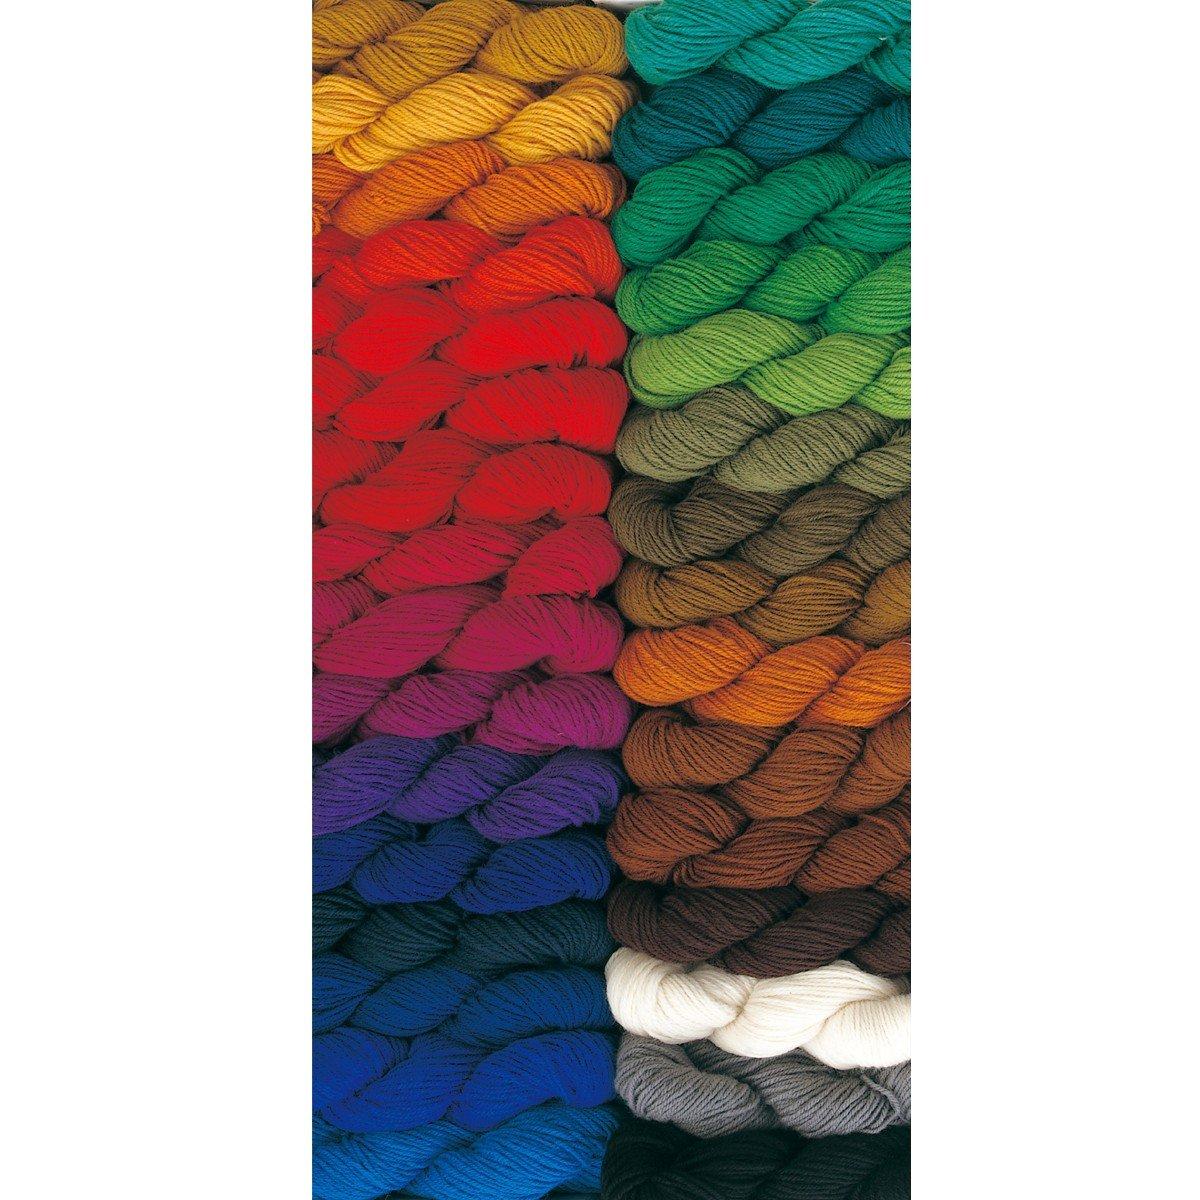 シャギー毛糸 全31色セット 紡毛糸ウール100% 3番3本取り B06XXCP45C